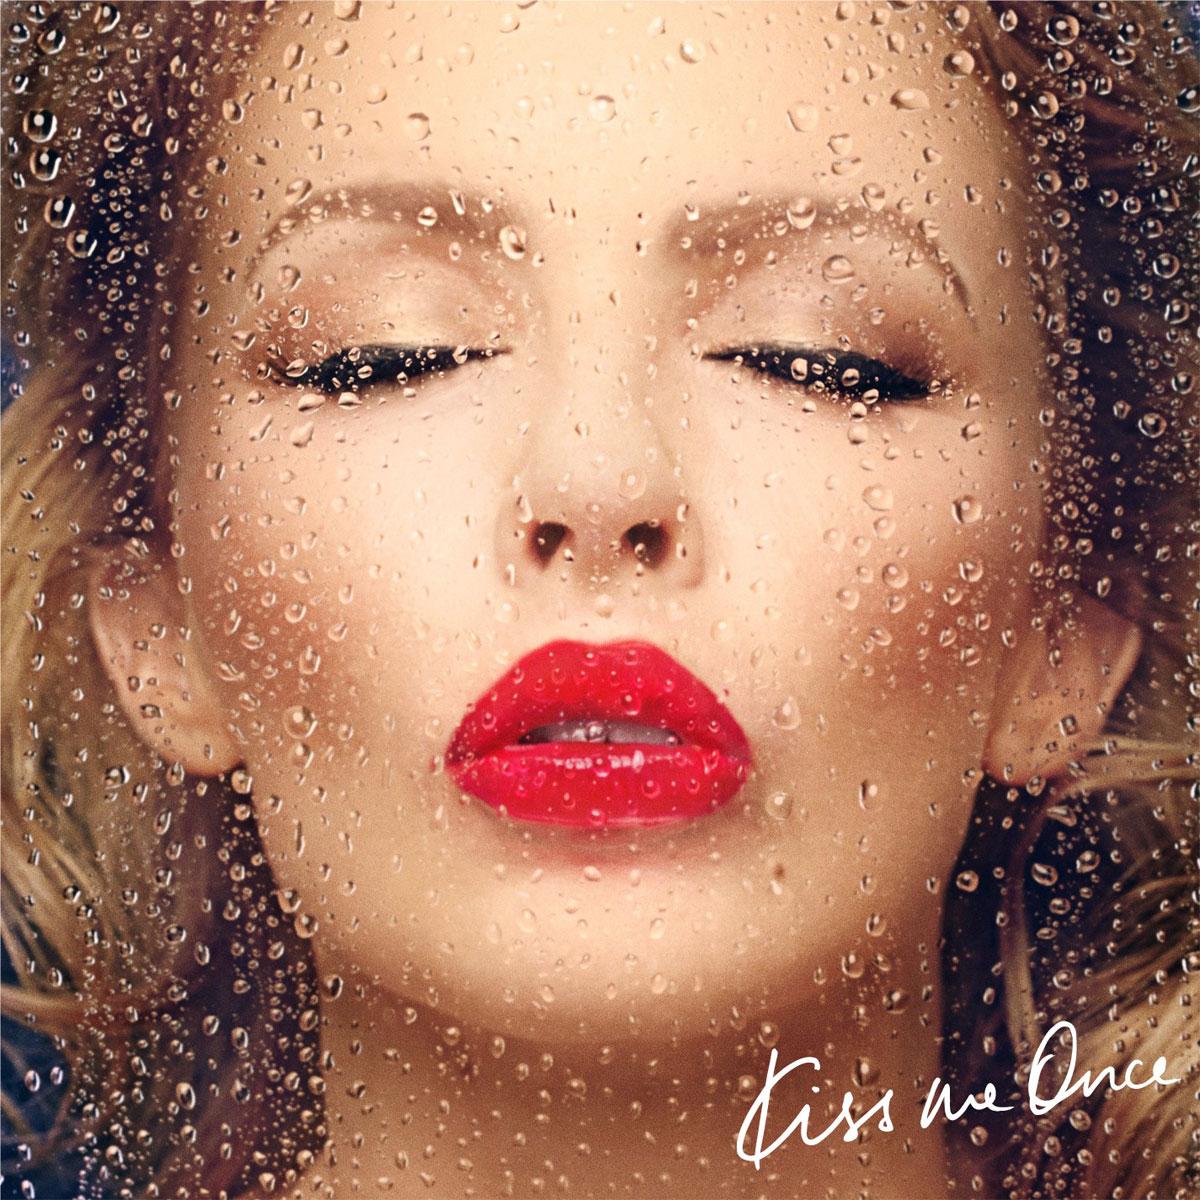 Kylie Minogue: Kiss me once - portada